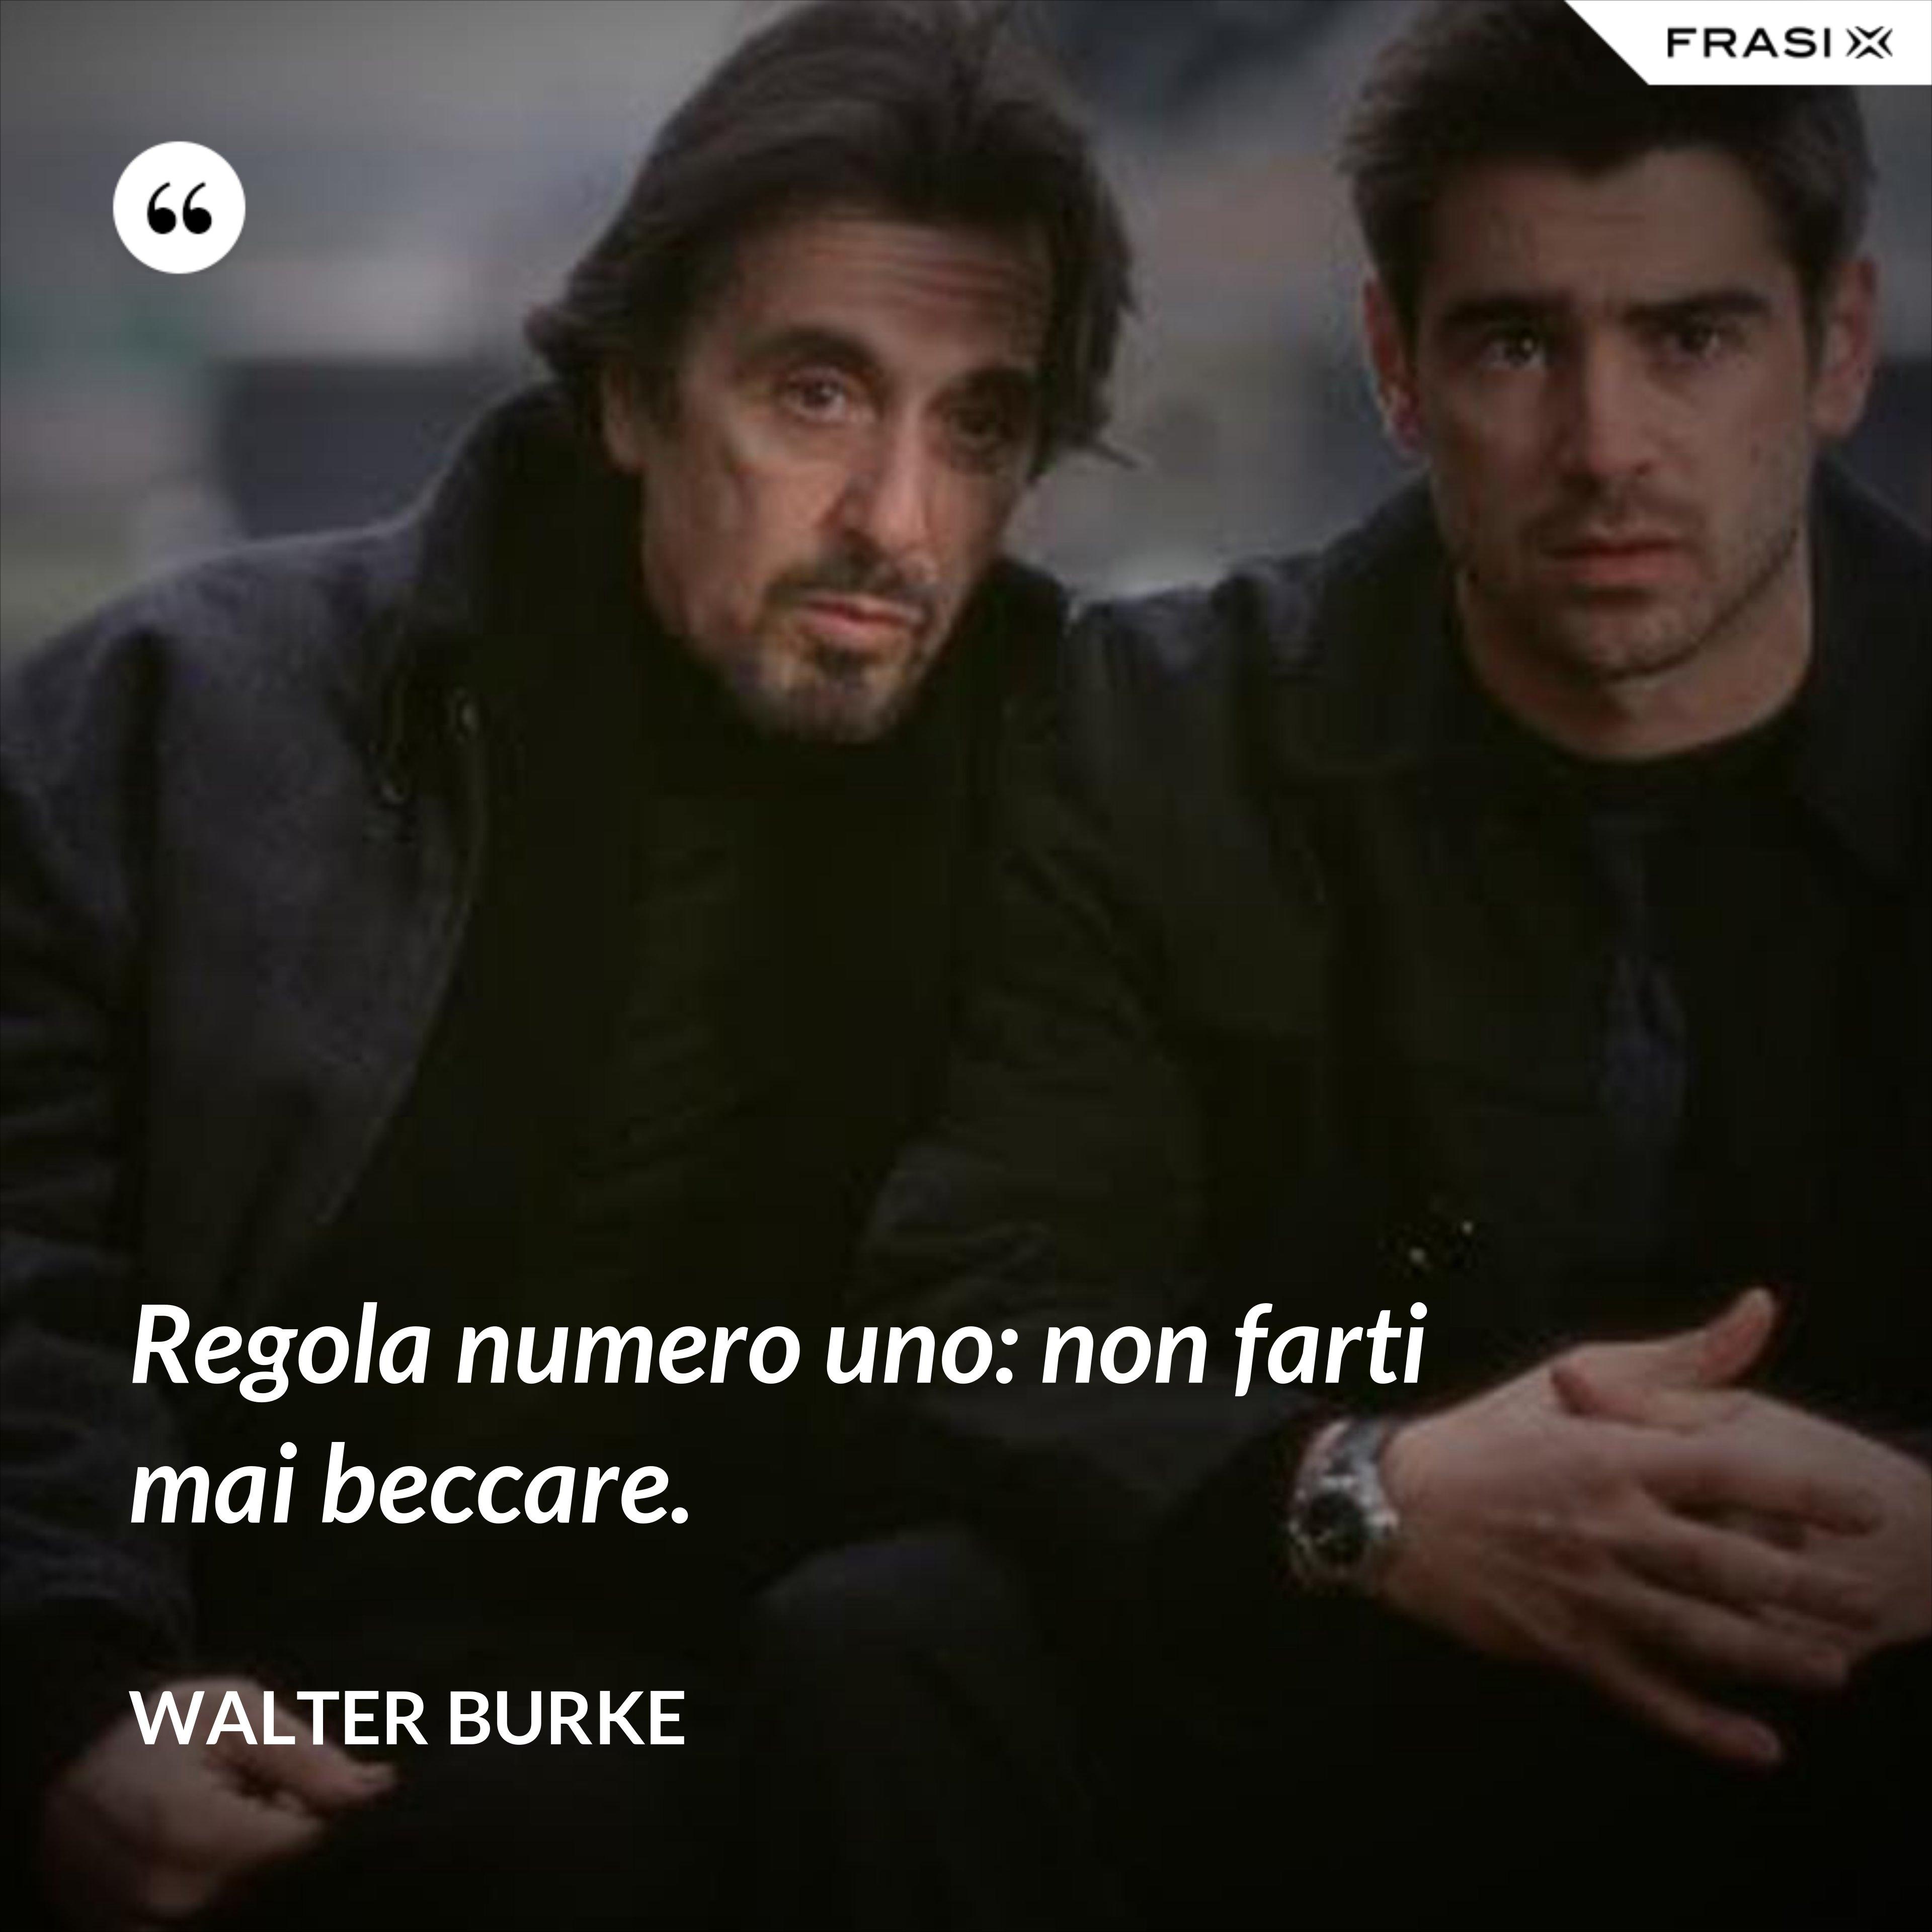 Regola numero uno: non farti mai beccare. - Walter Burke